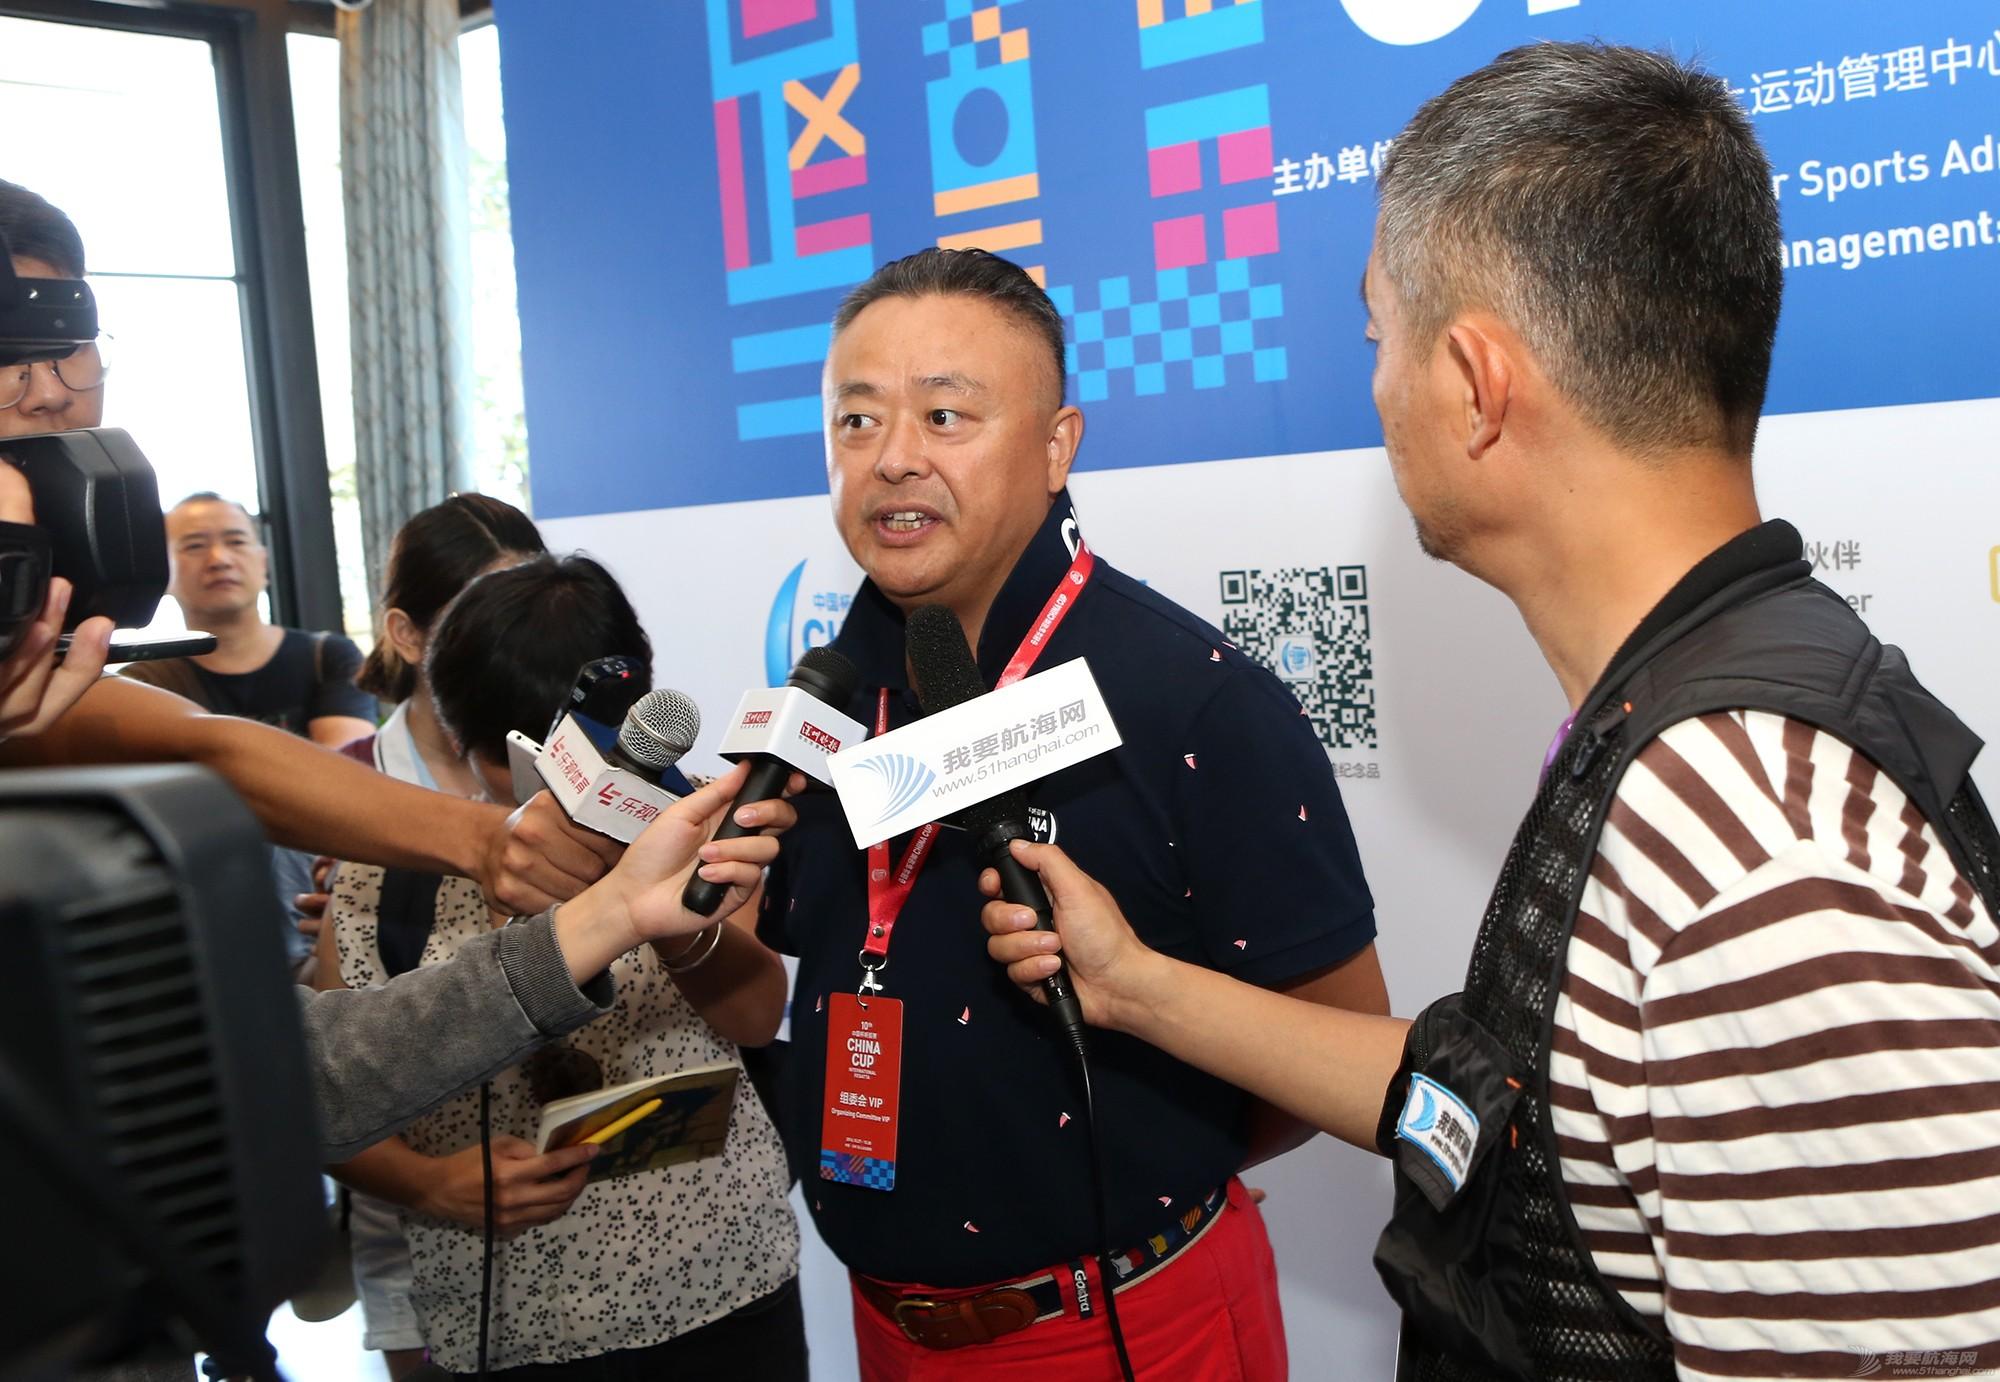 新闻发布会,中国 中国杯帆船赛新闻发布会现场,钟勇、苏科接受我要航海网采访 5V8A5499.JPG